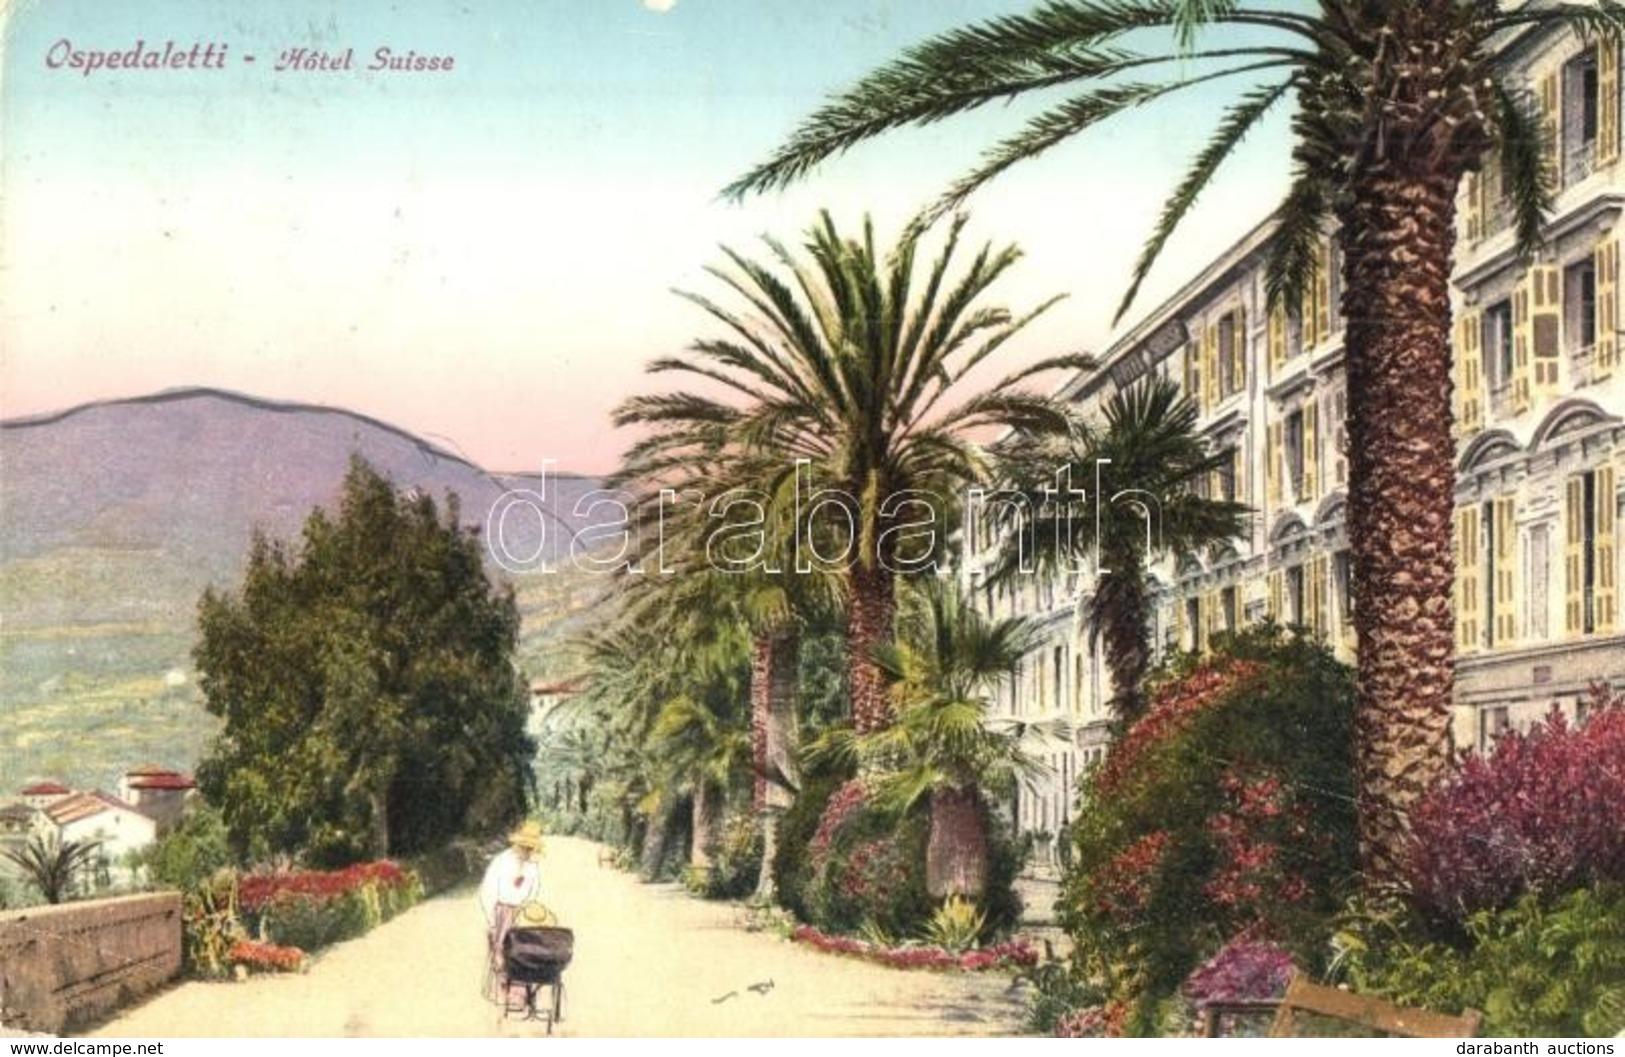 T2/T3 Ospedaletti, Hotel Suisse  (EK) - Cartes Postales